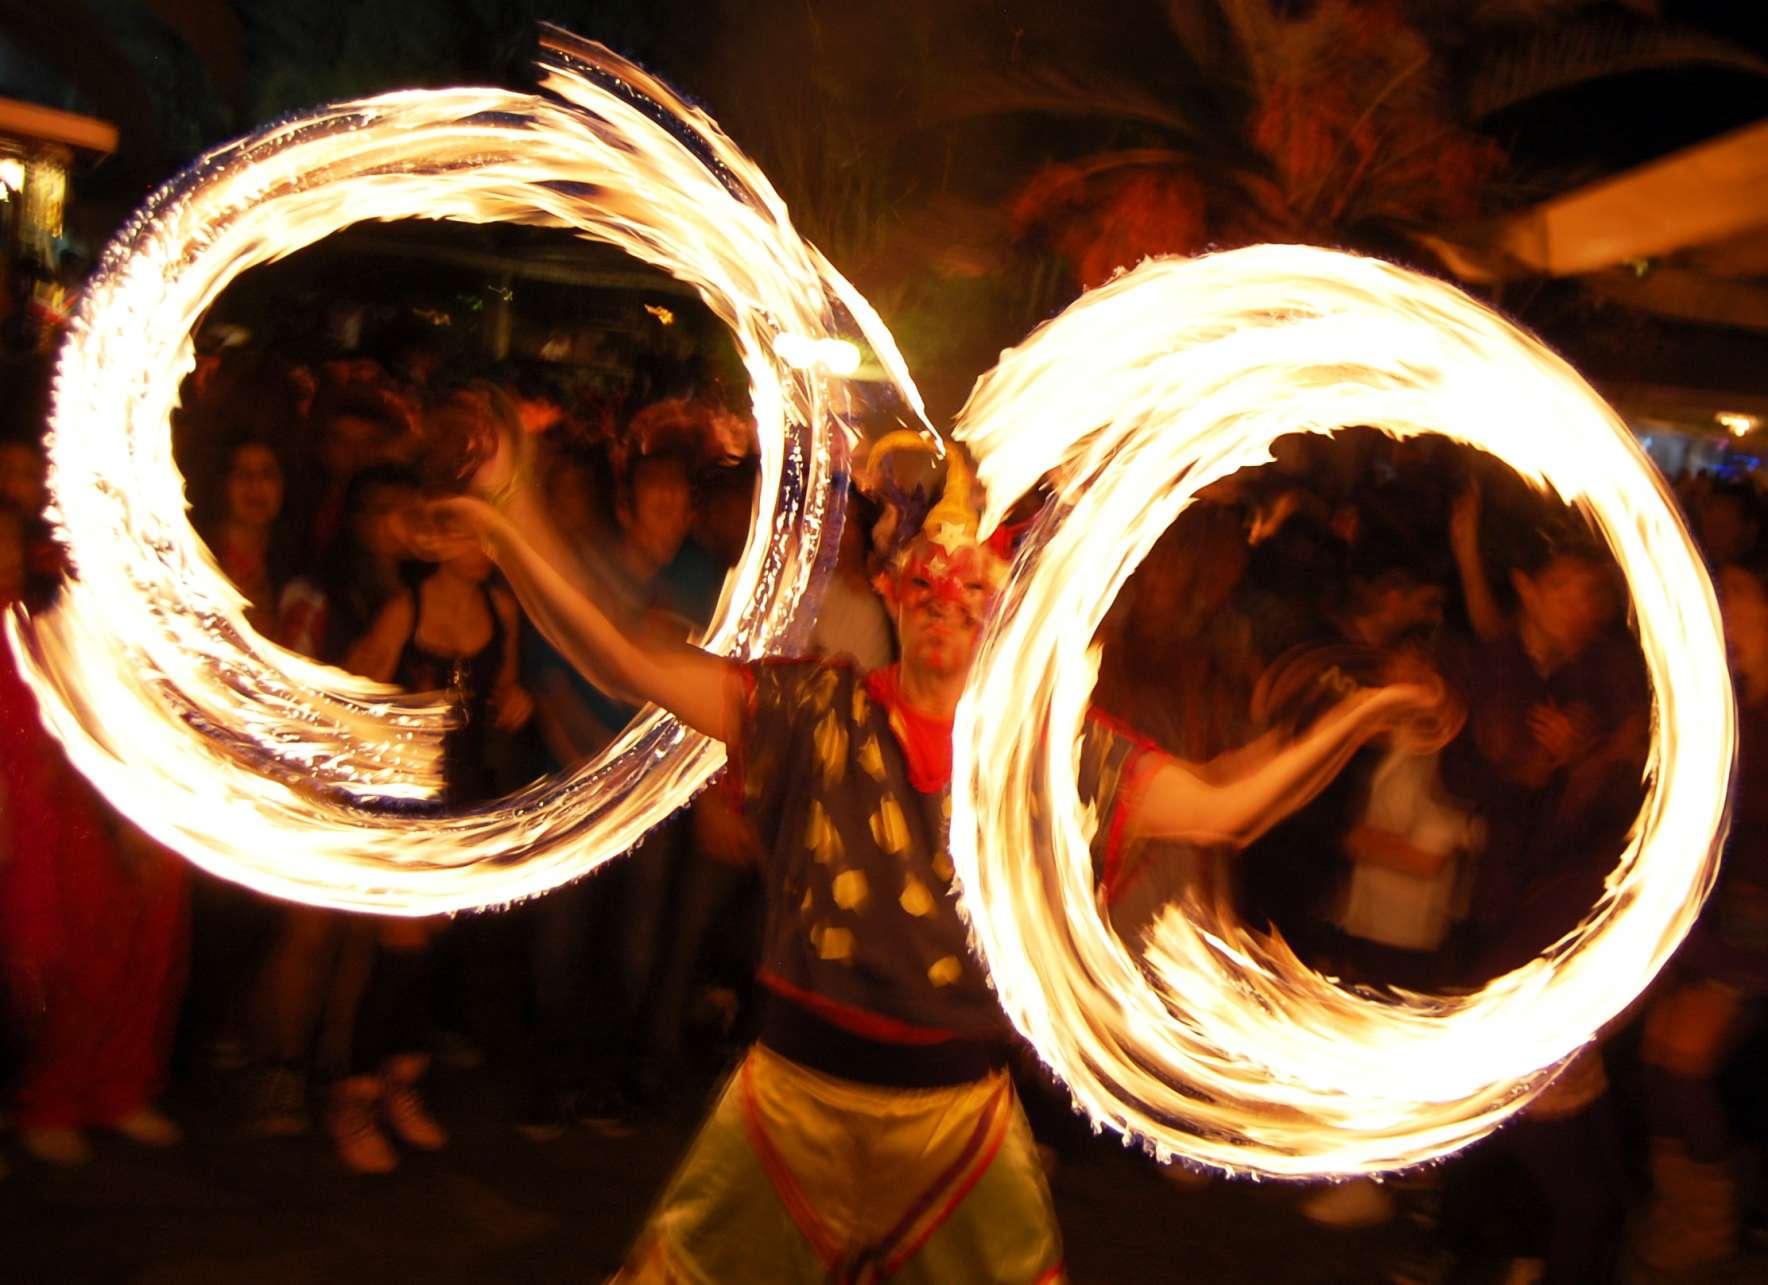 Ζογκλέρ παίζει με δύο κοντάρια με φωτιές δημιουργώντας δύο φωτεινούς κύκλους σε αποκριάτικο πάρτι στο Κέντρο Ιππόκαμπος στη Χαλκίδα.